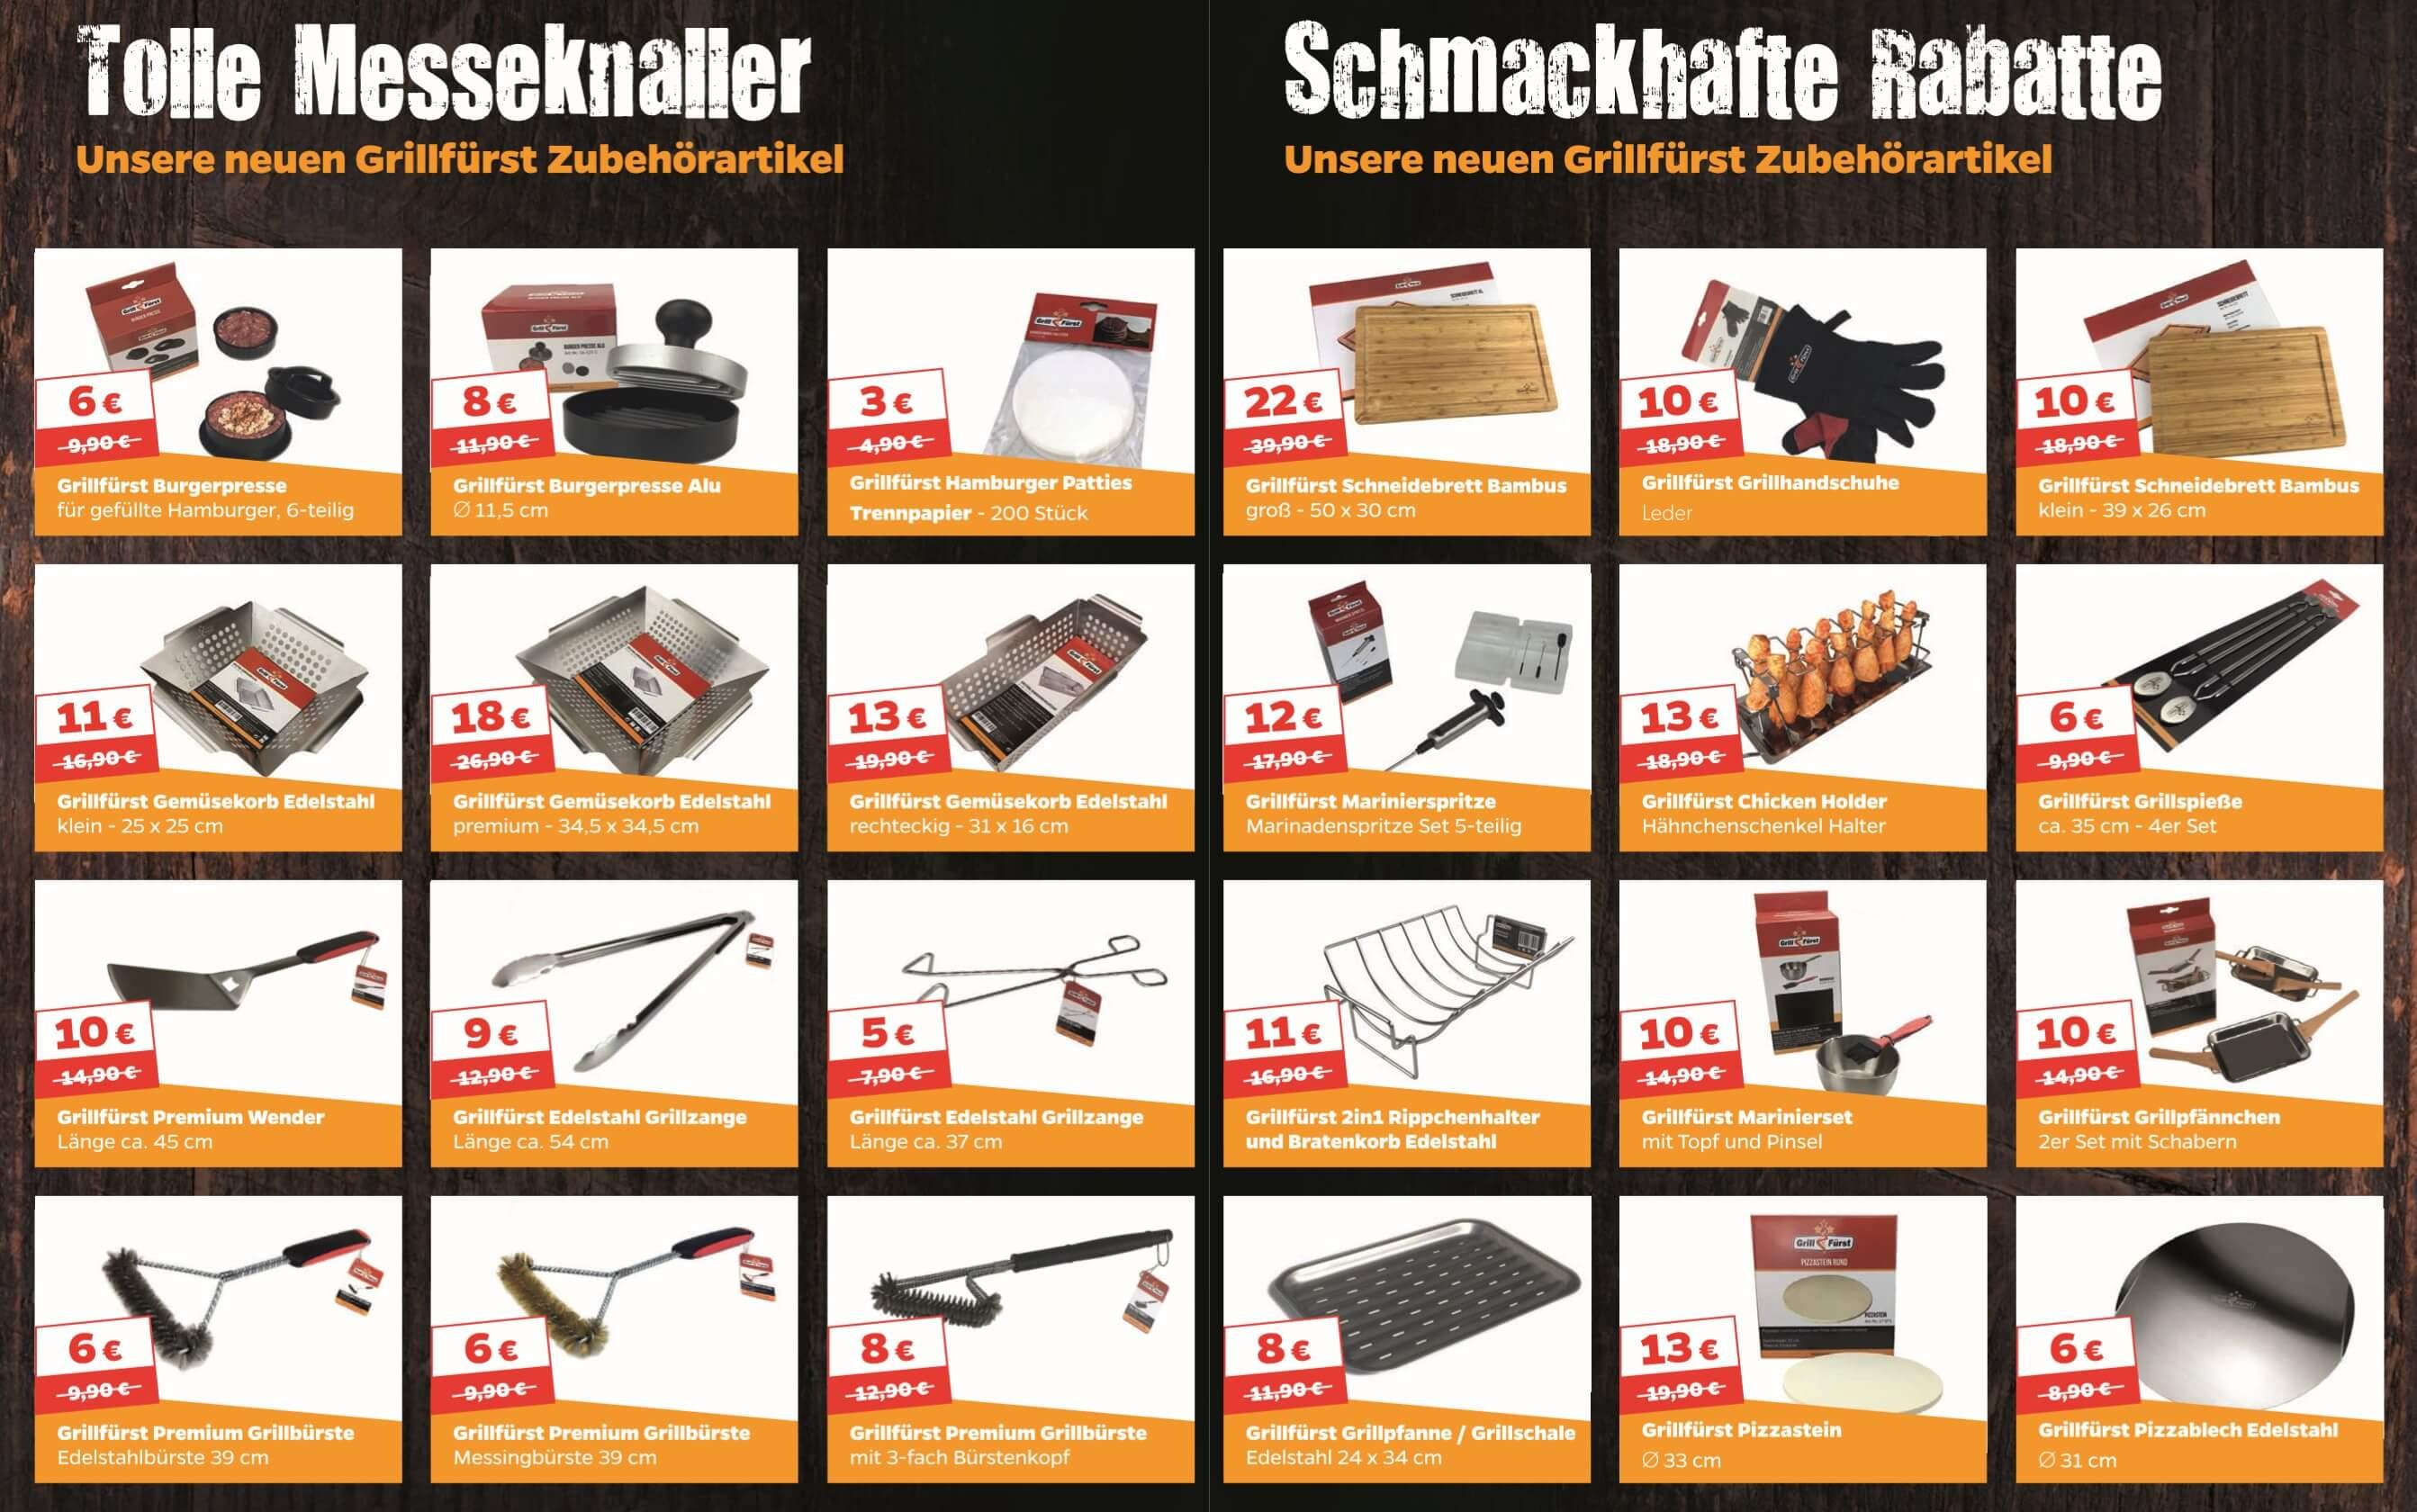 grillfürst grillmesse 2018-GrillfuerstTrendmesse2018Messeangebote01-Grillfürst Grillmesse 2018 auf der Trendmesse in Fulda vom 15.-18.03.